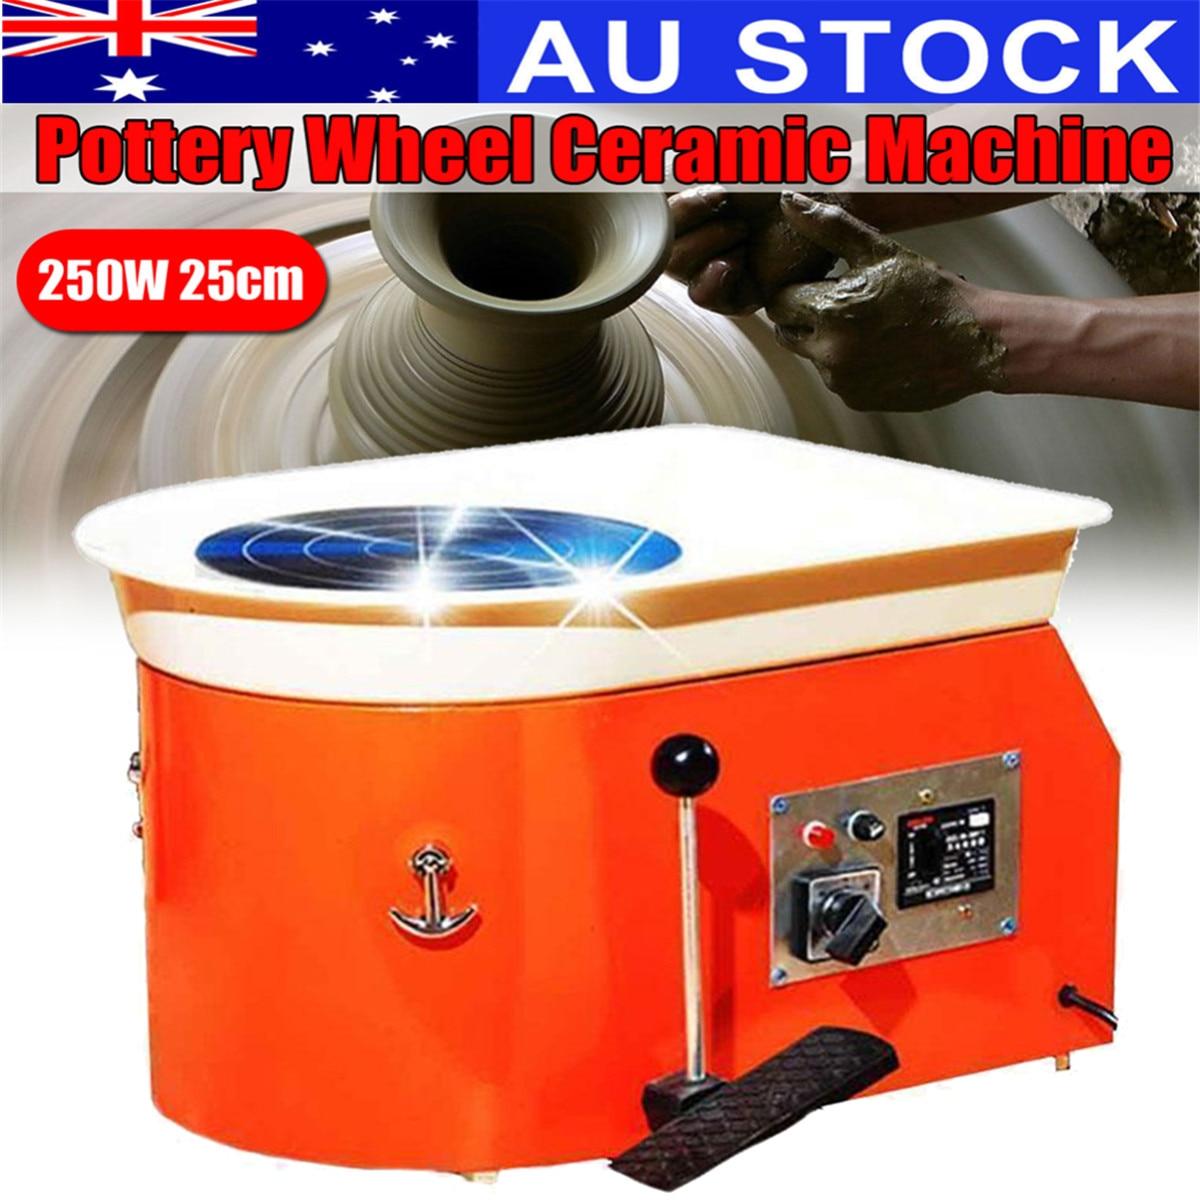 220 V 250 W poterie roue en céramique Machine pédale en céramique argile Art moule pour céramique travail navire de AU